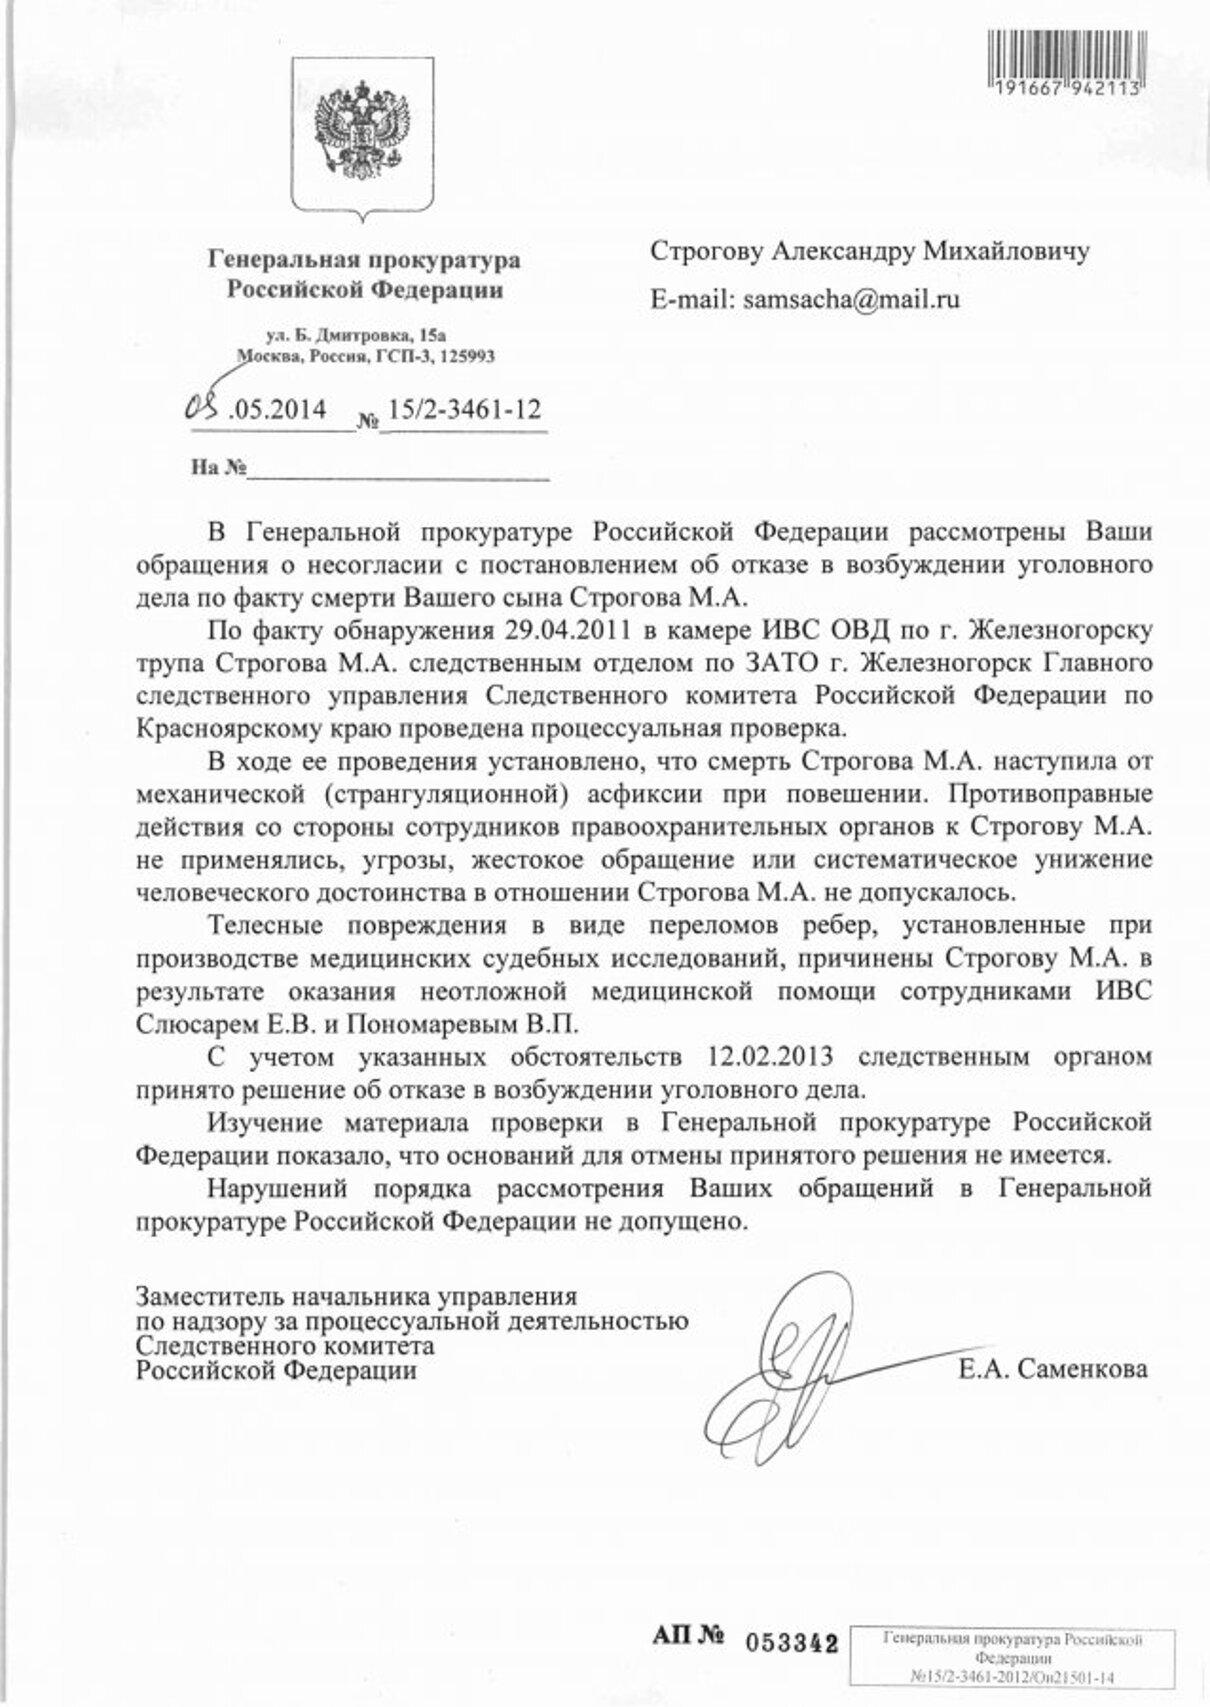 Жалоба-отзыв: Генпрокуратура РФ - Защищает убийц в погонах.  Фото №3